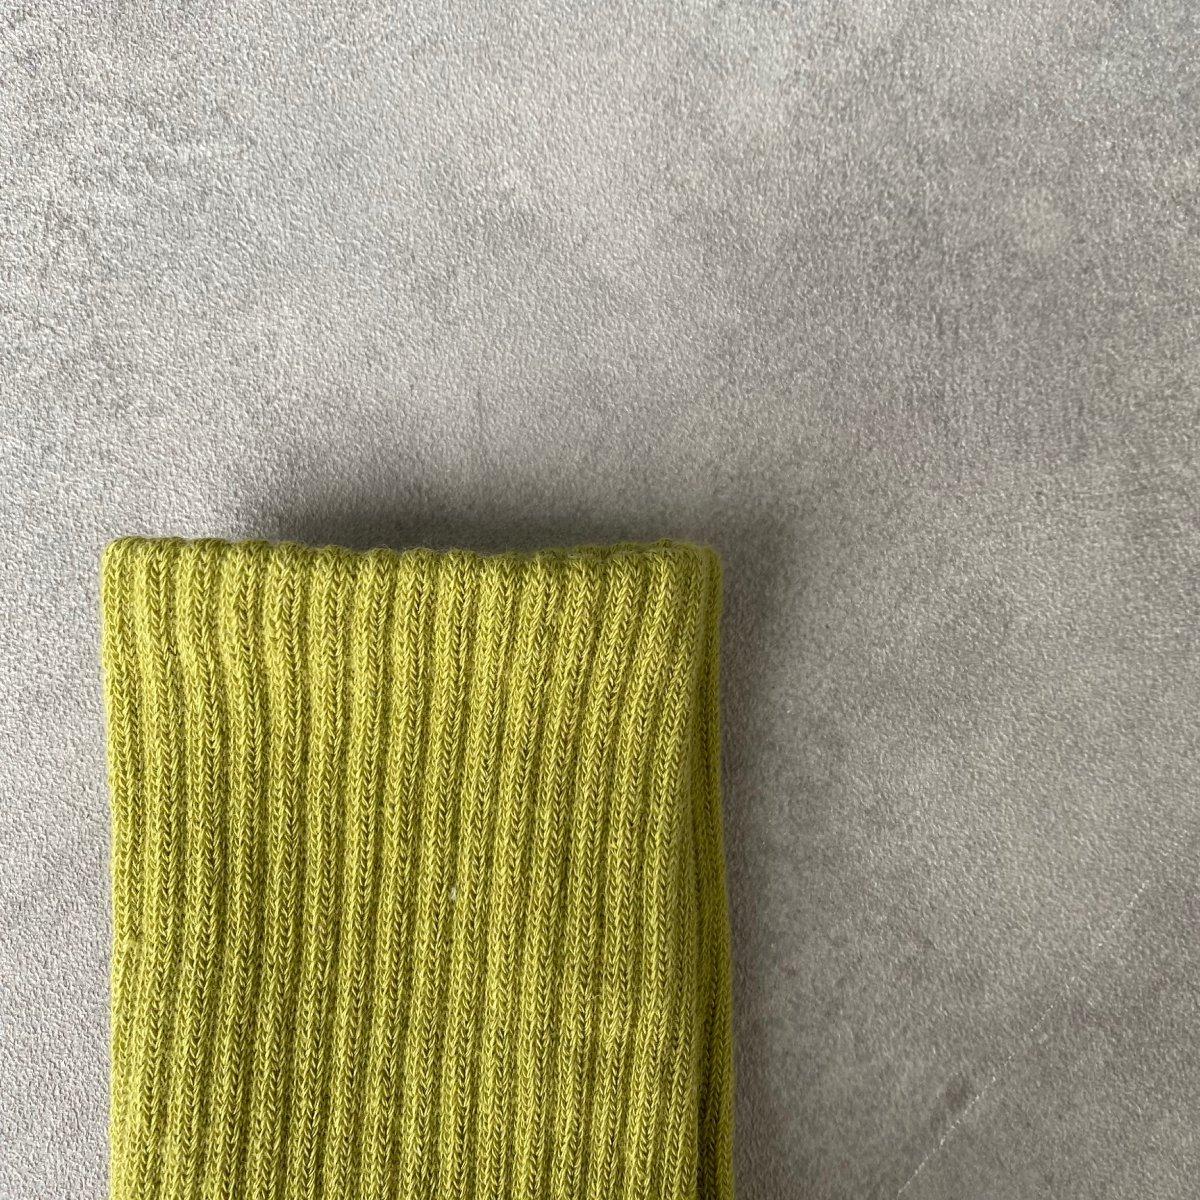 【BABY】Smile Socks 詳細画像15